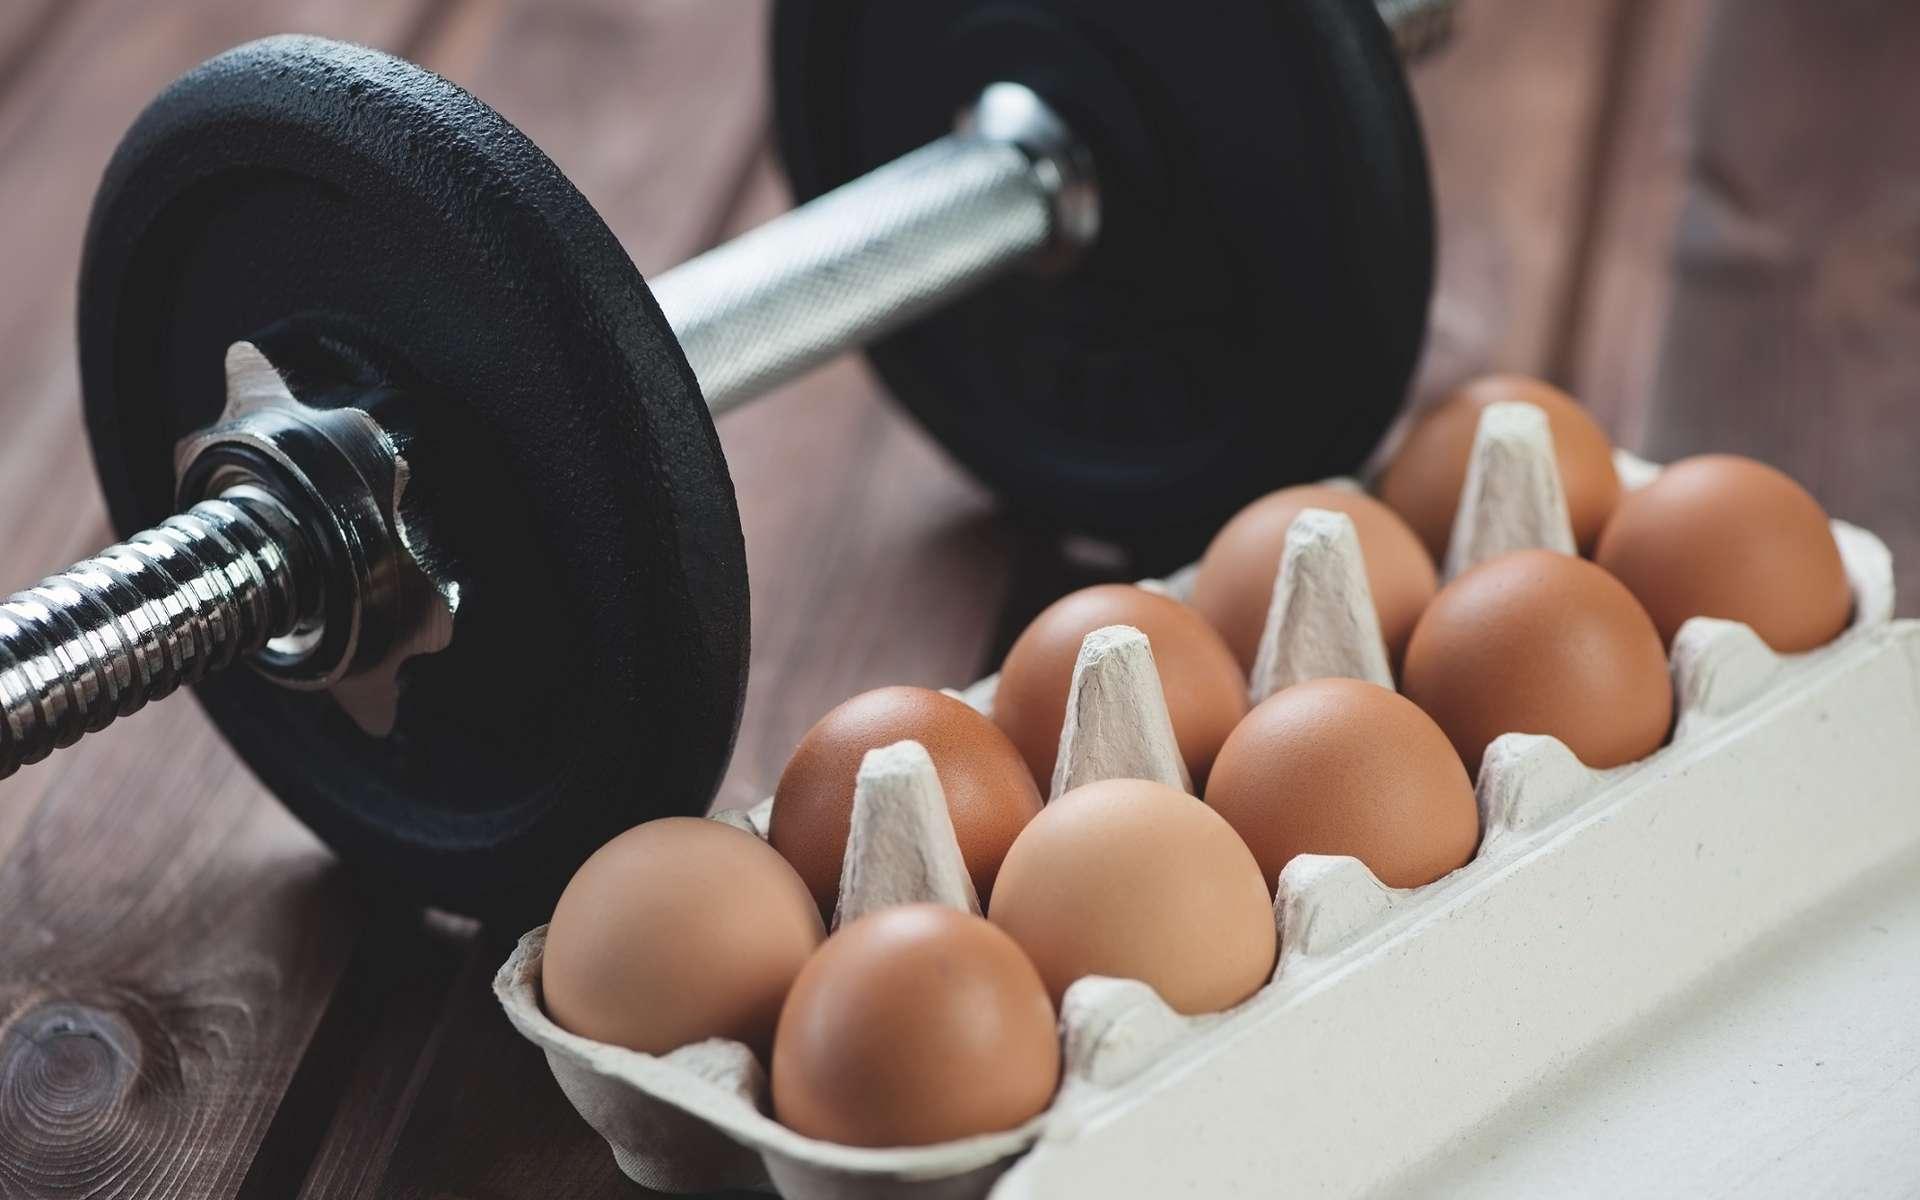 Les œufs sont une bonne source de protéines animales. Ils permettent ainsi de prendre du muscle. © Nickola_Che, Shutterstock